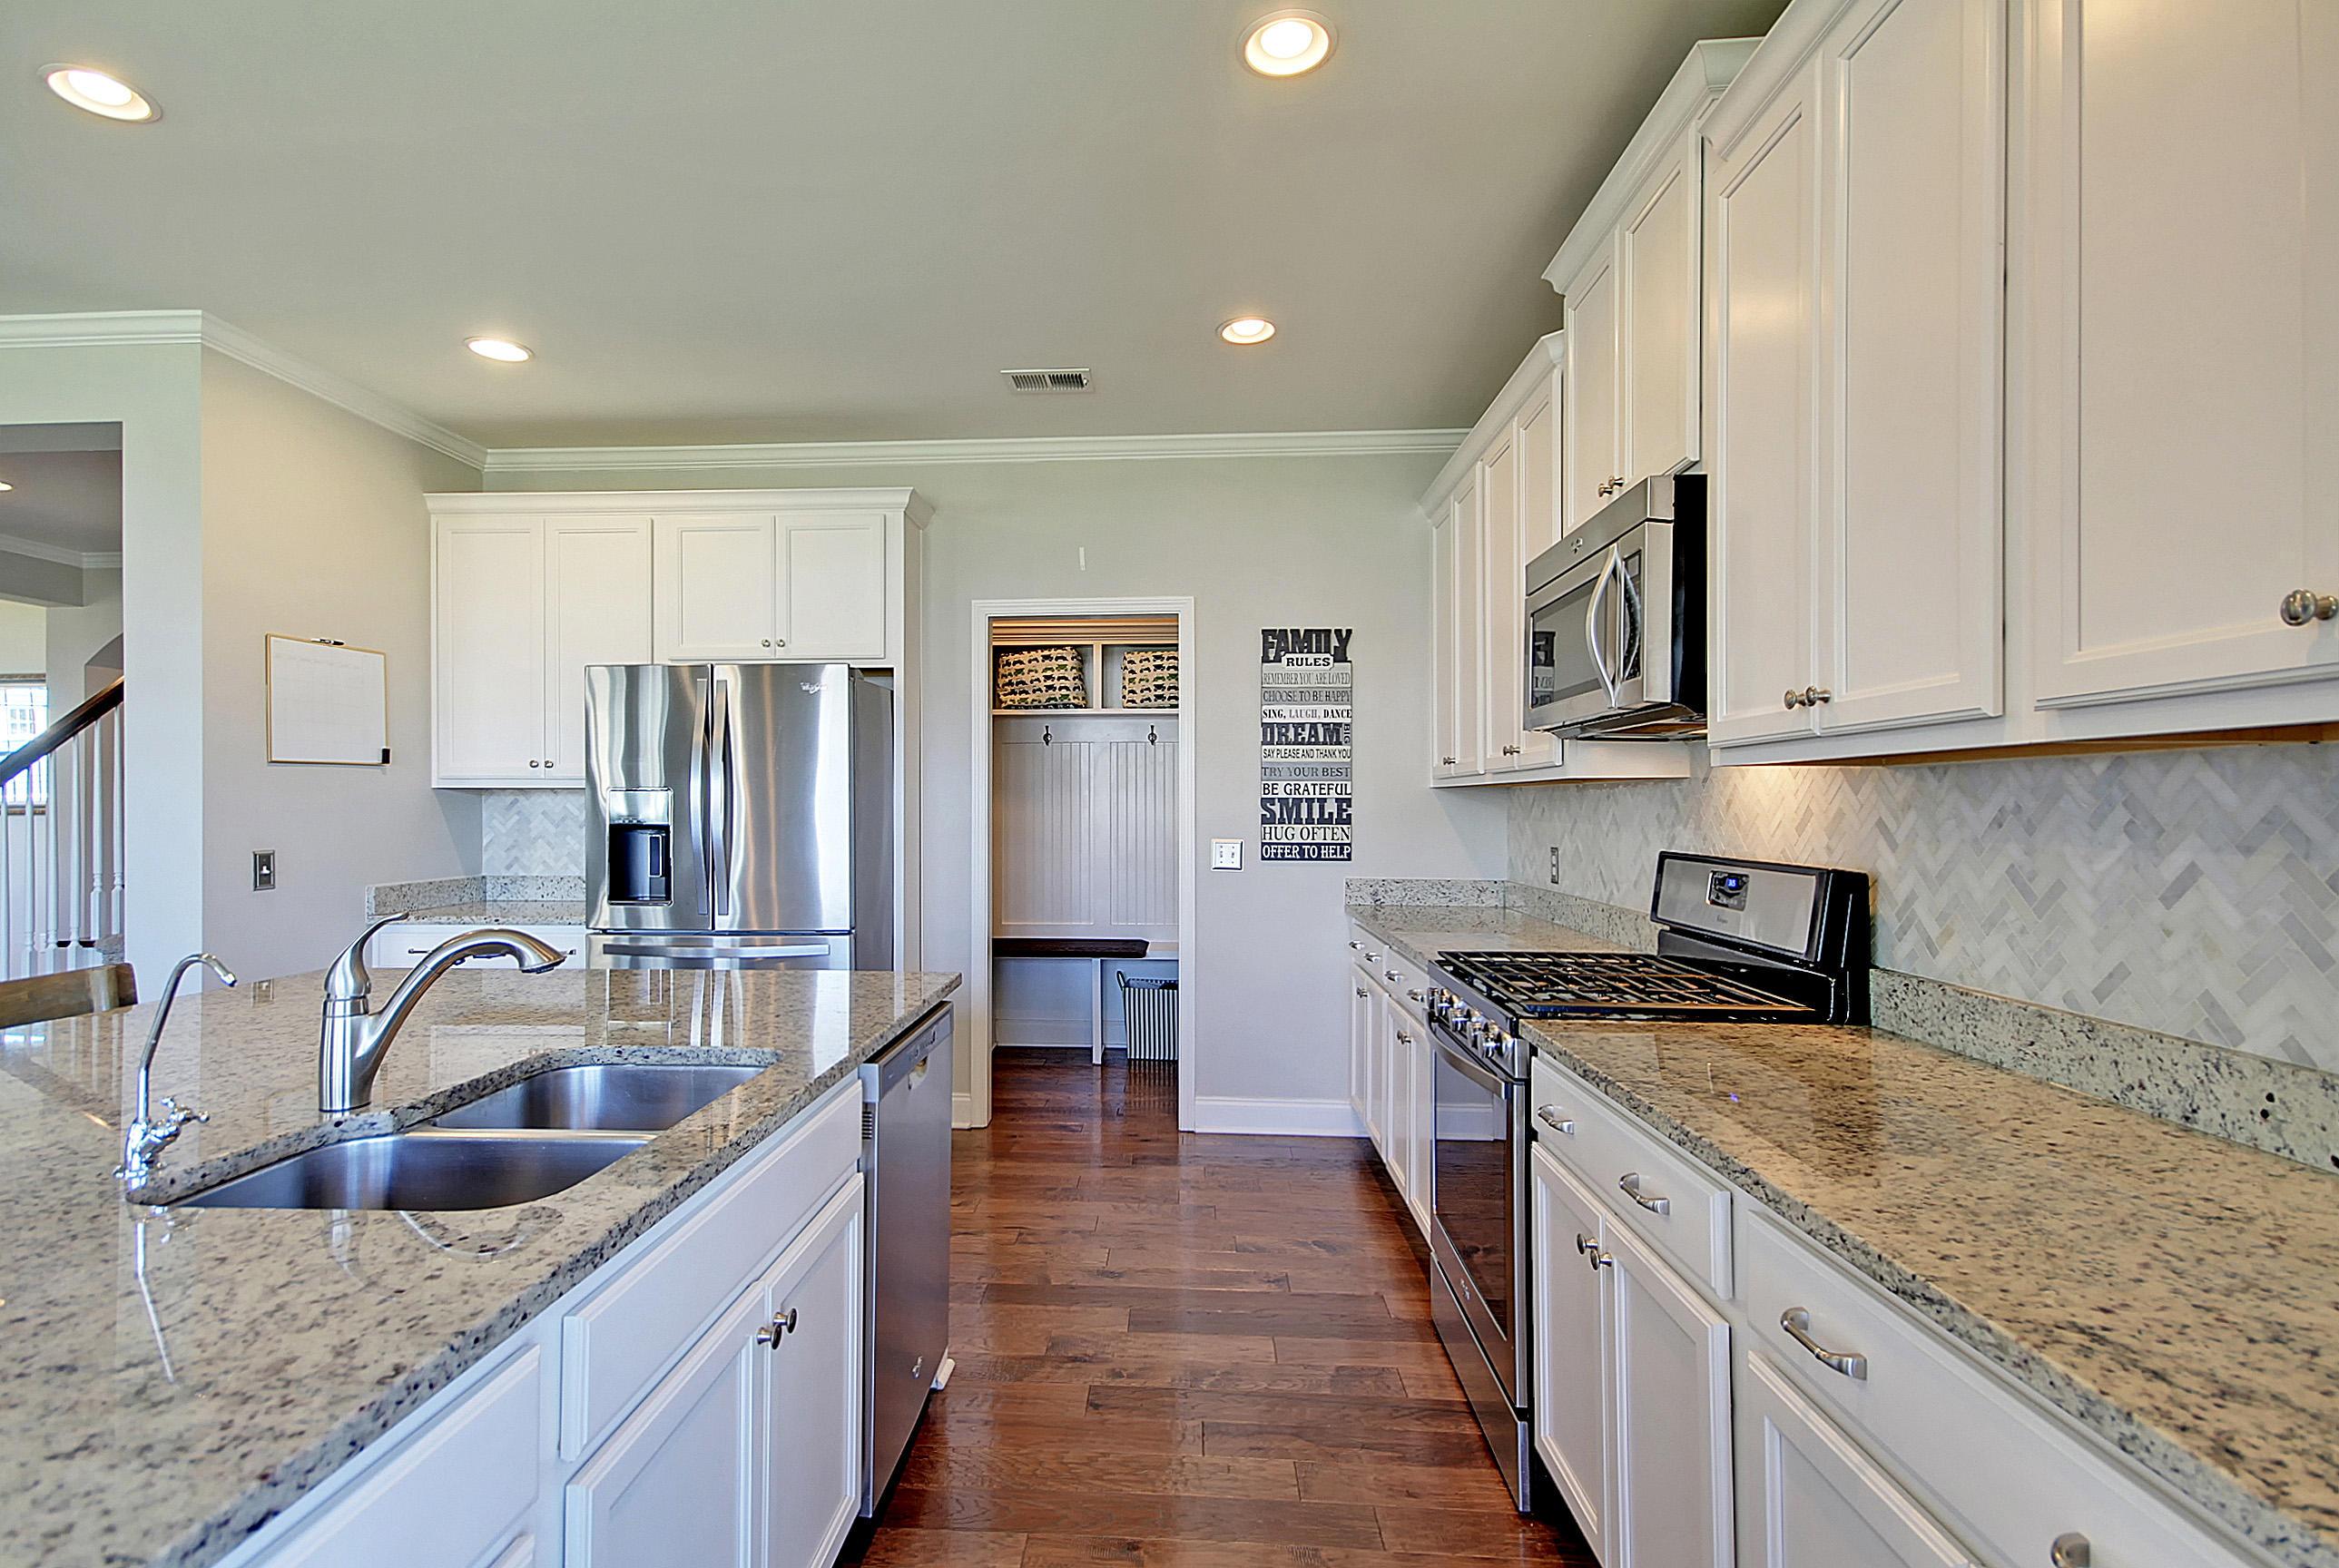 Dunes West Homes For Sale - 1420 Trip Line, Mount Pleasant, SC - 12